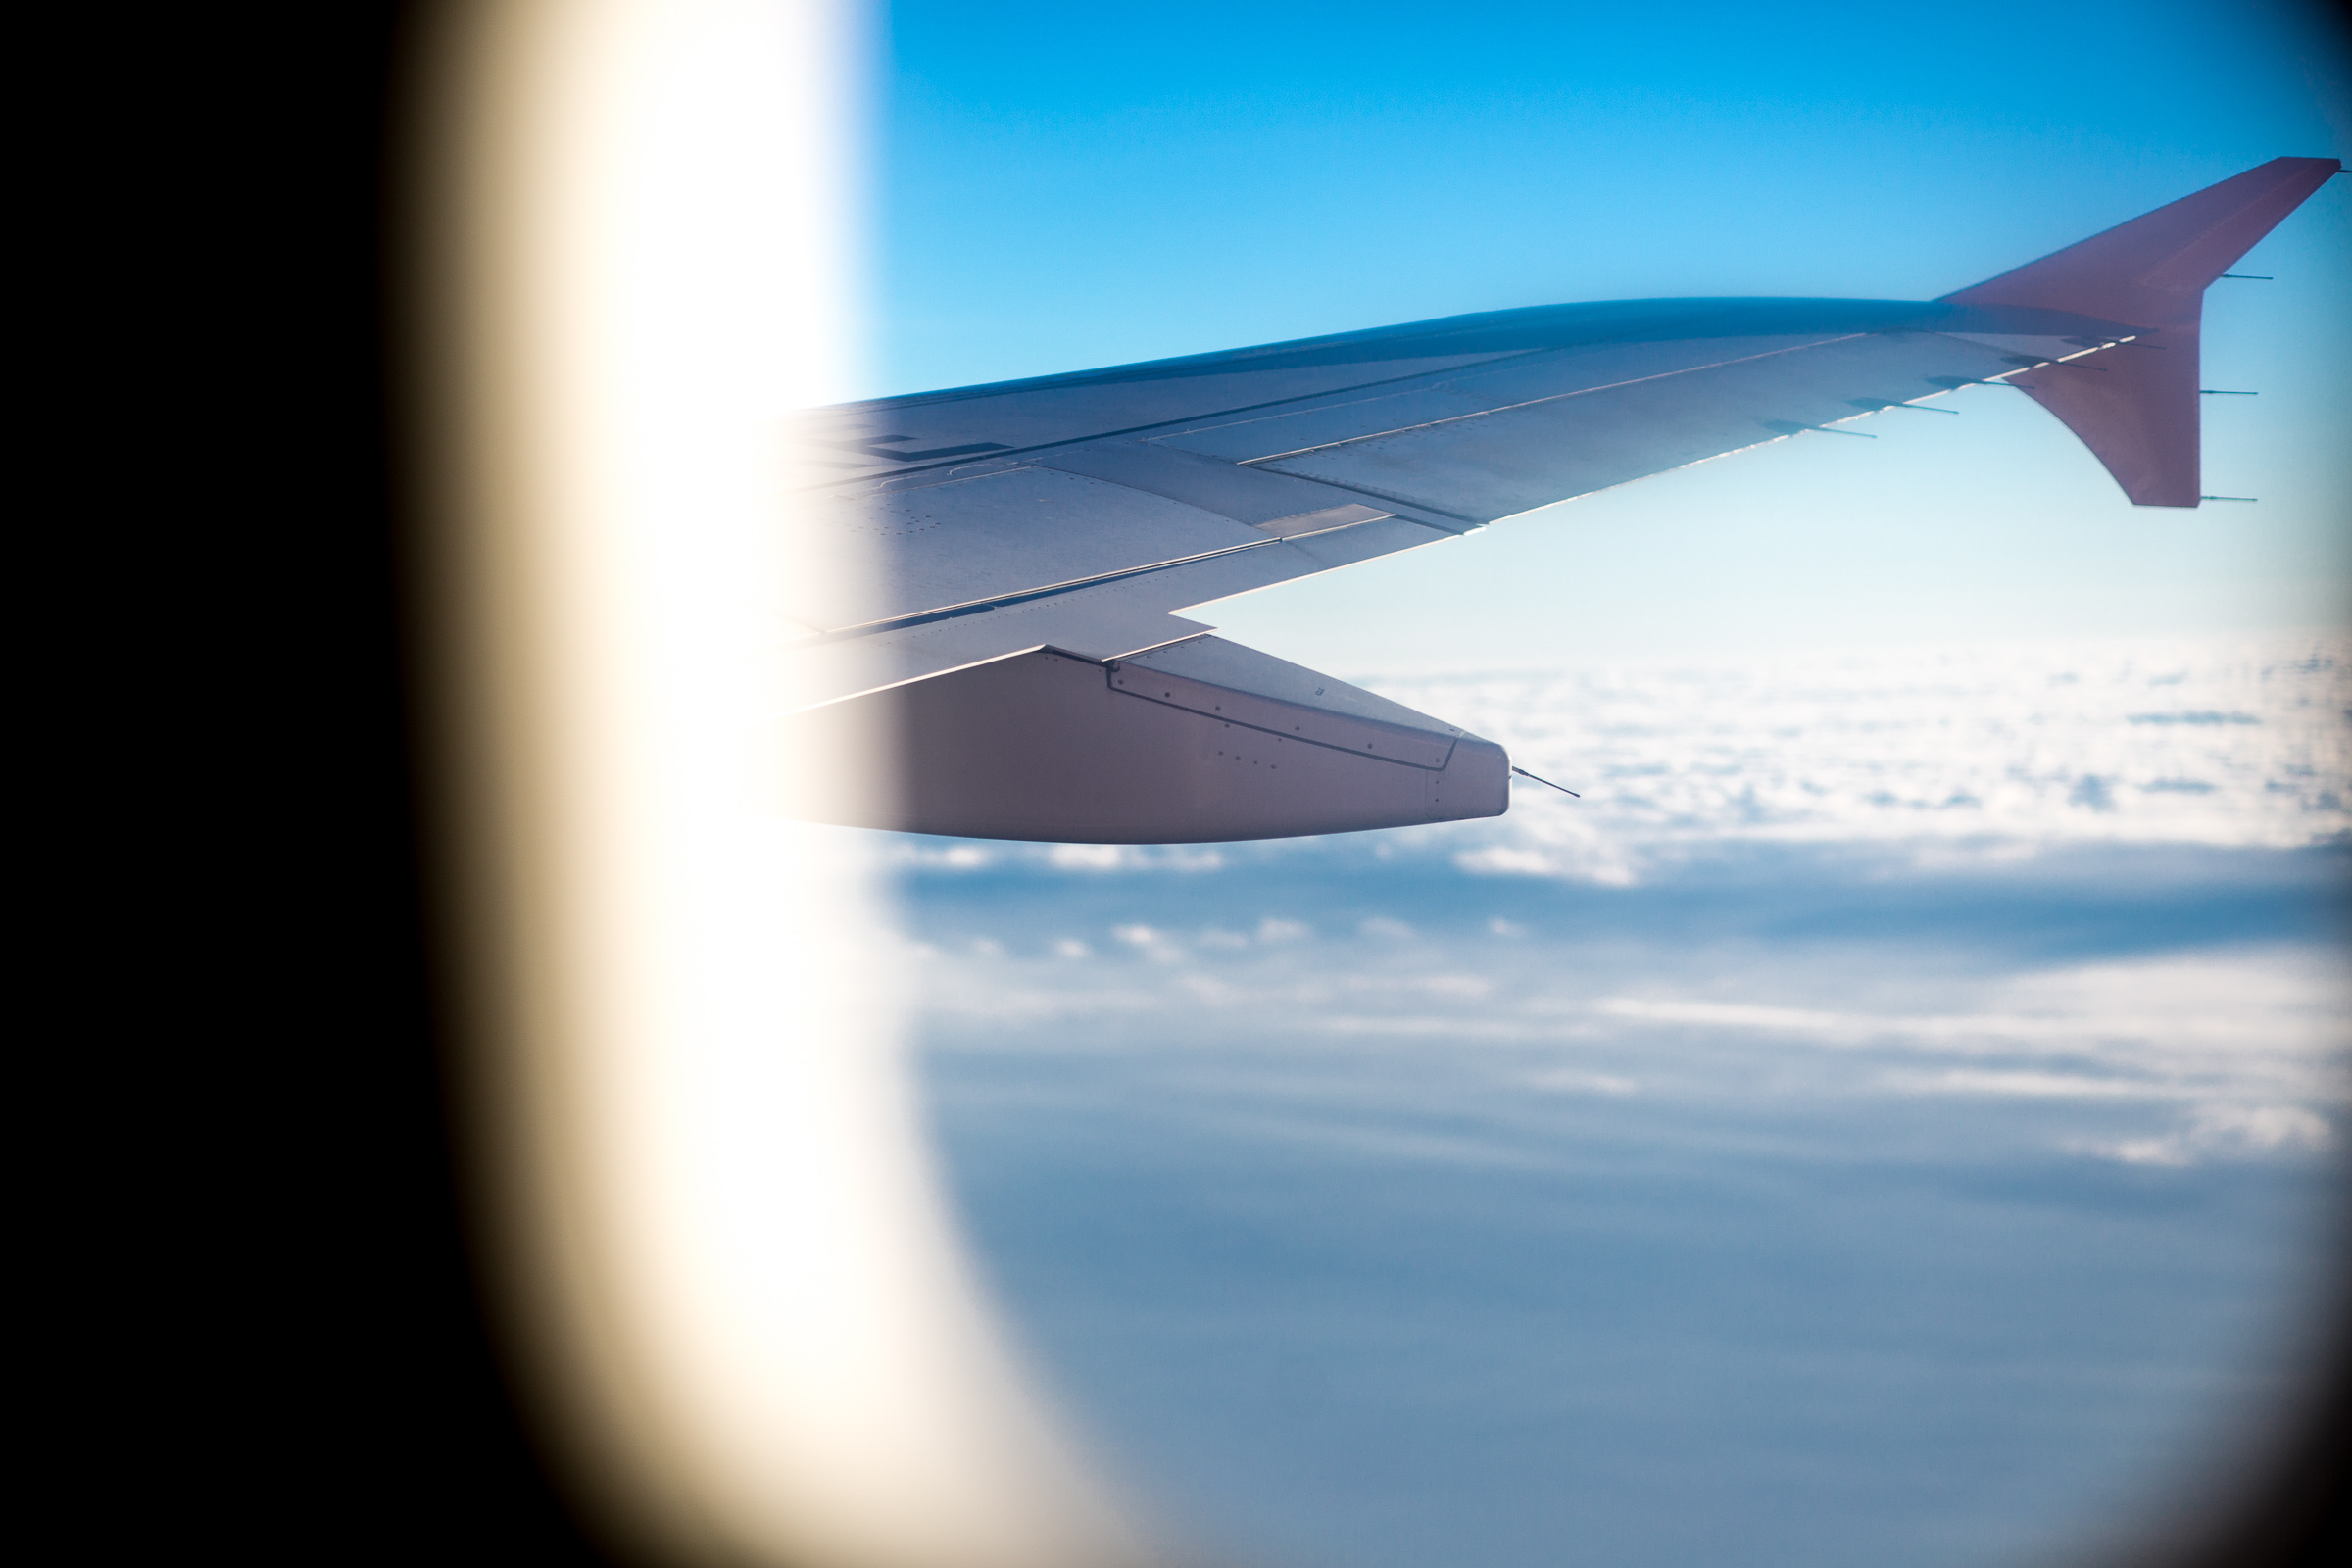 Почему во время взлёта и посадки просят открыть шторку иллюминатора